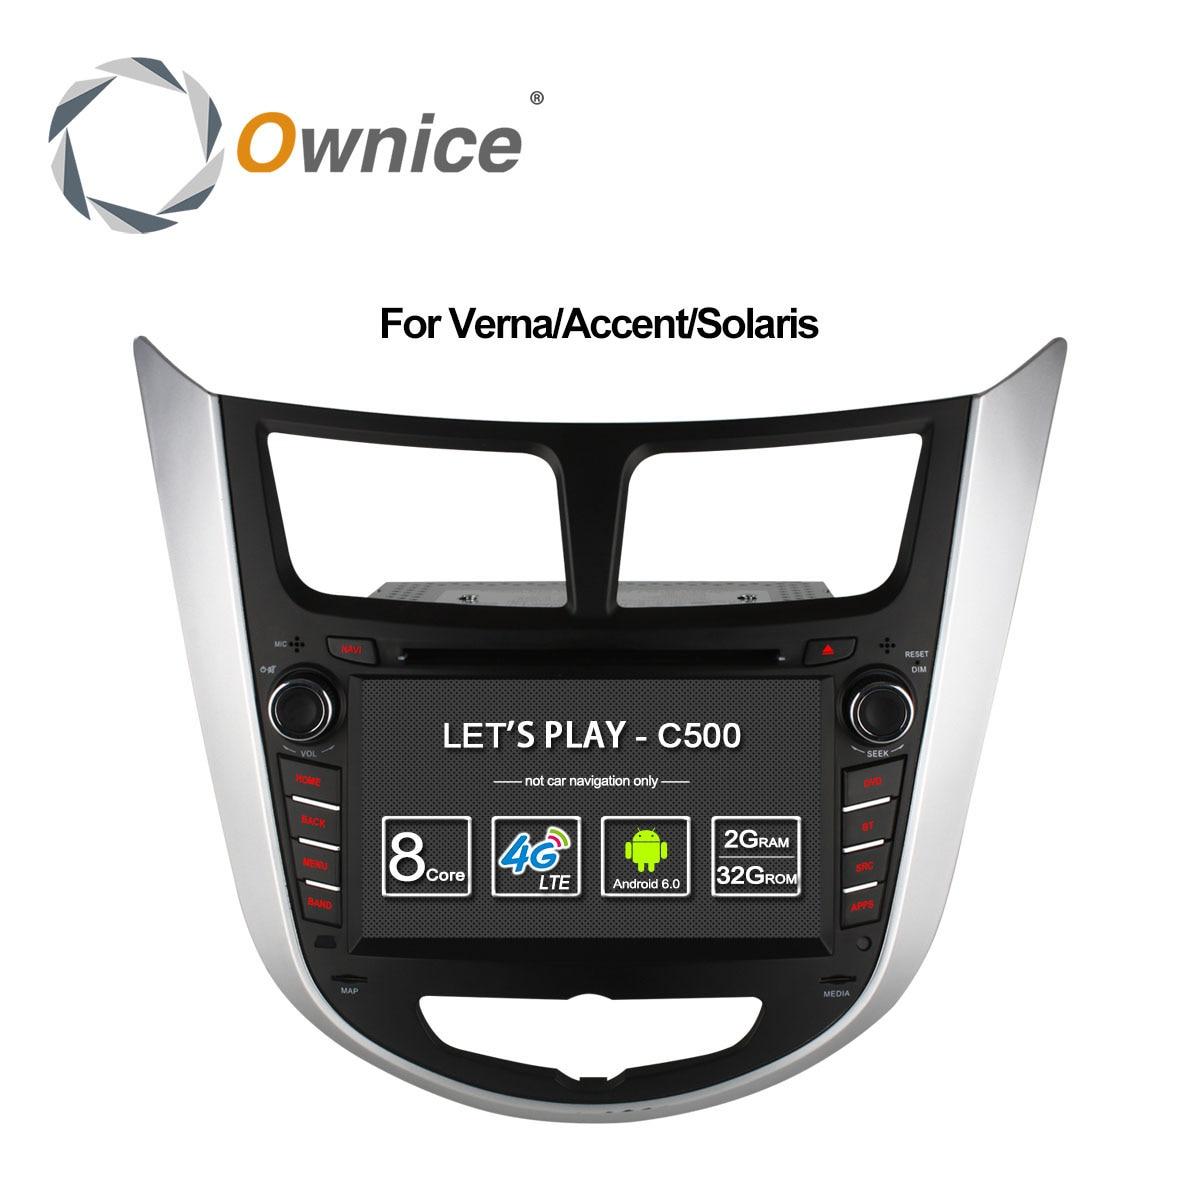 Ownice C500 Octa 8 Core Android 6.0 lecteur DVD de VOITURE pour Hyundai Solaris accent Verna i25 avec GPS BT radio wifi 4G LTE Réseau